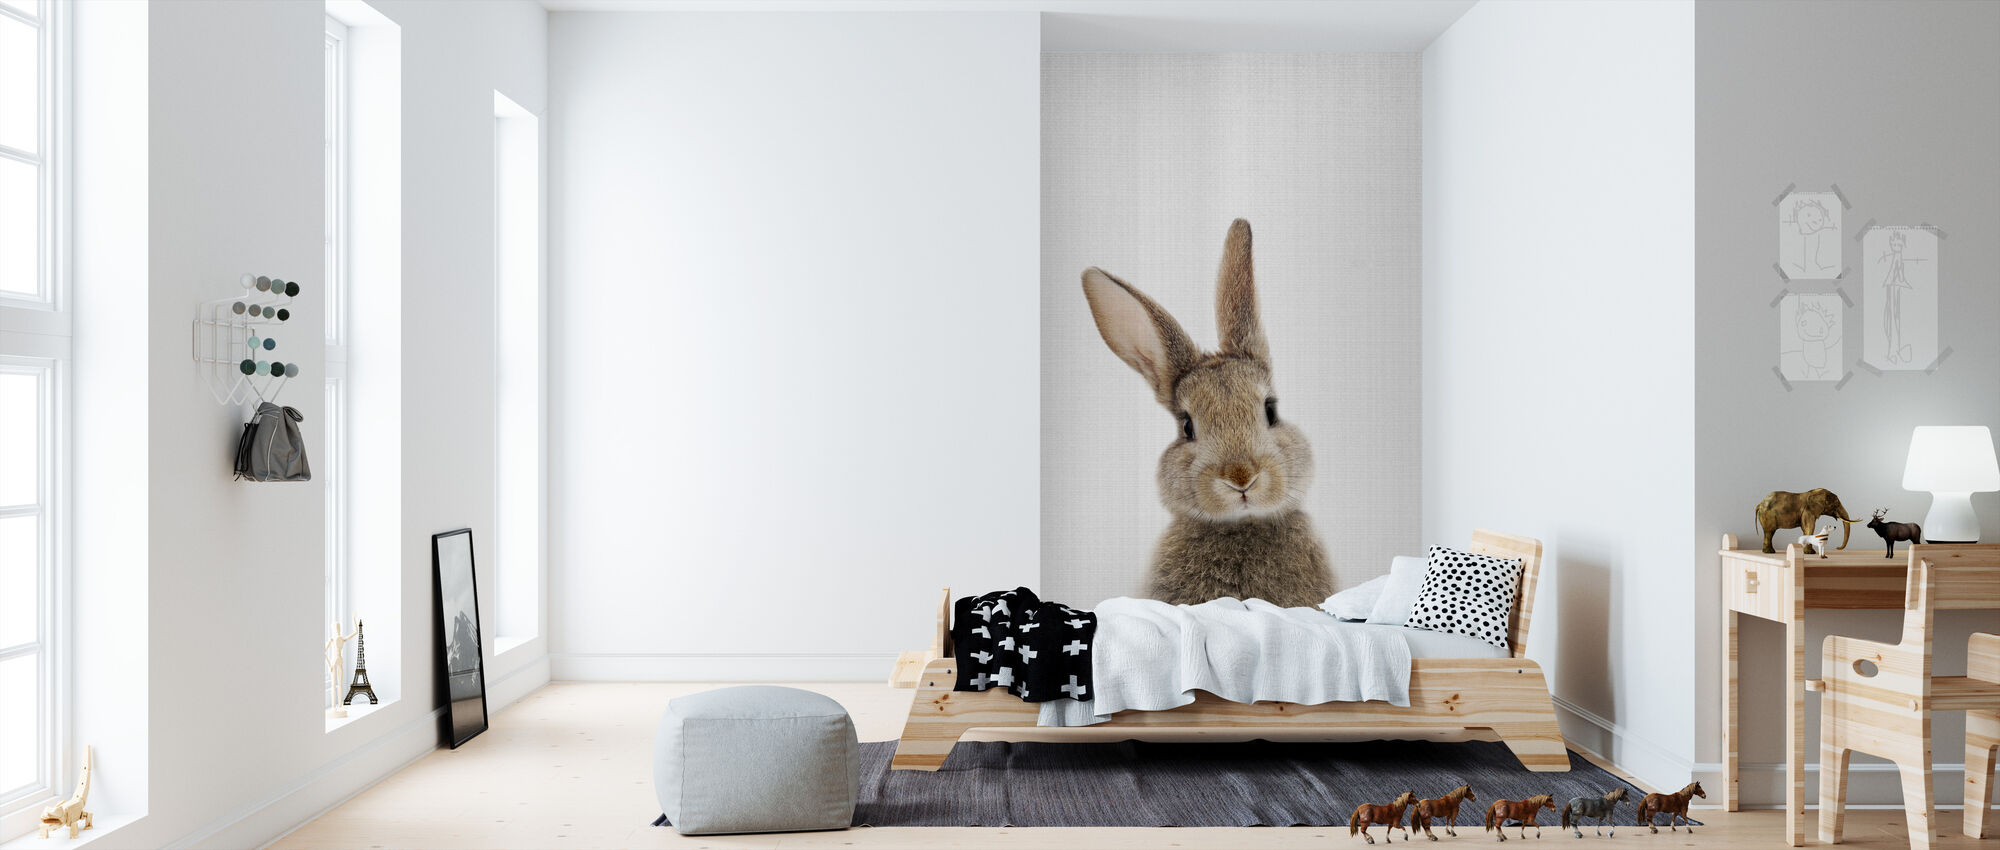 Bunny Rabbit - Wallpaper - Kids Room